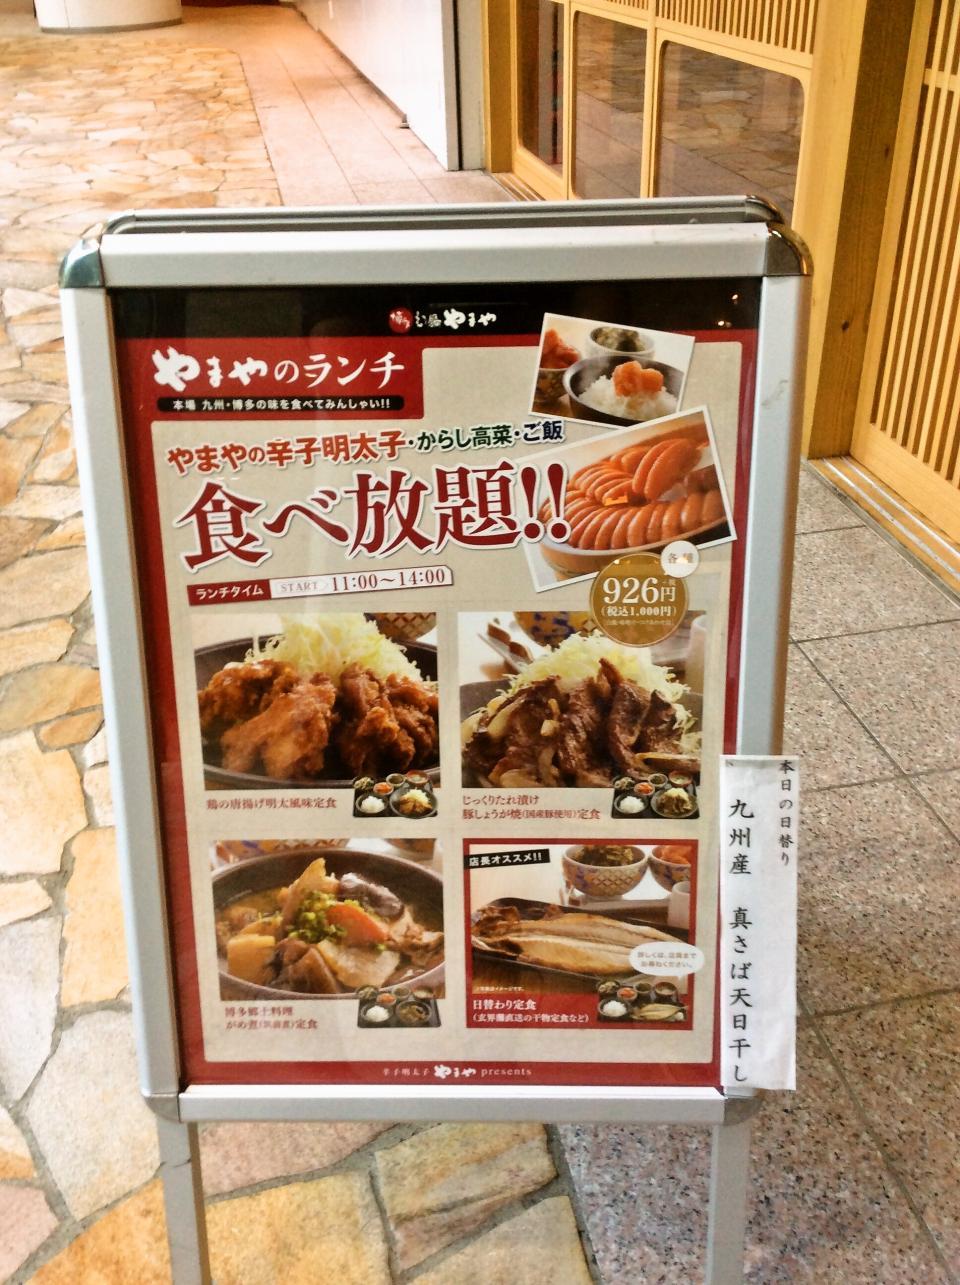 やまや大崎店(メニュー)